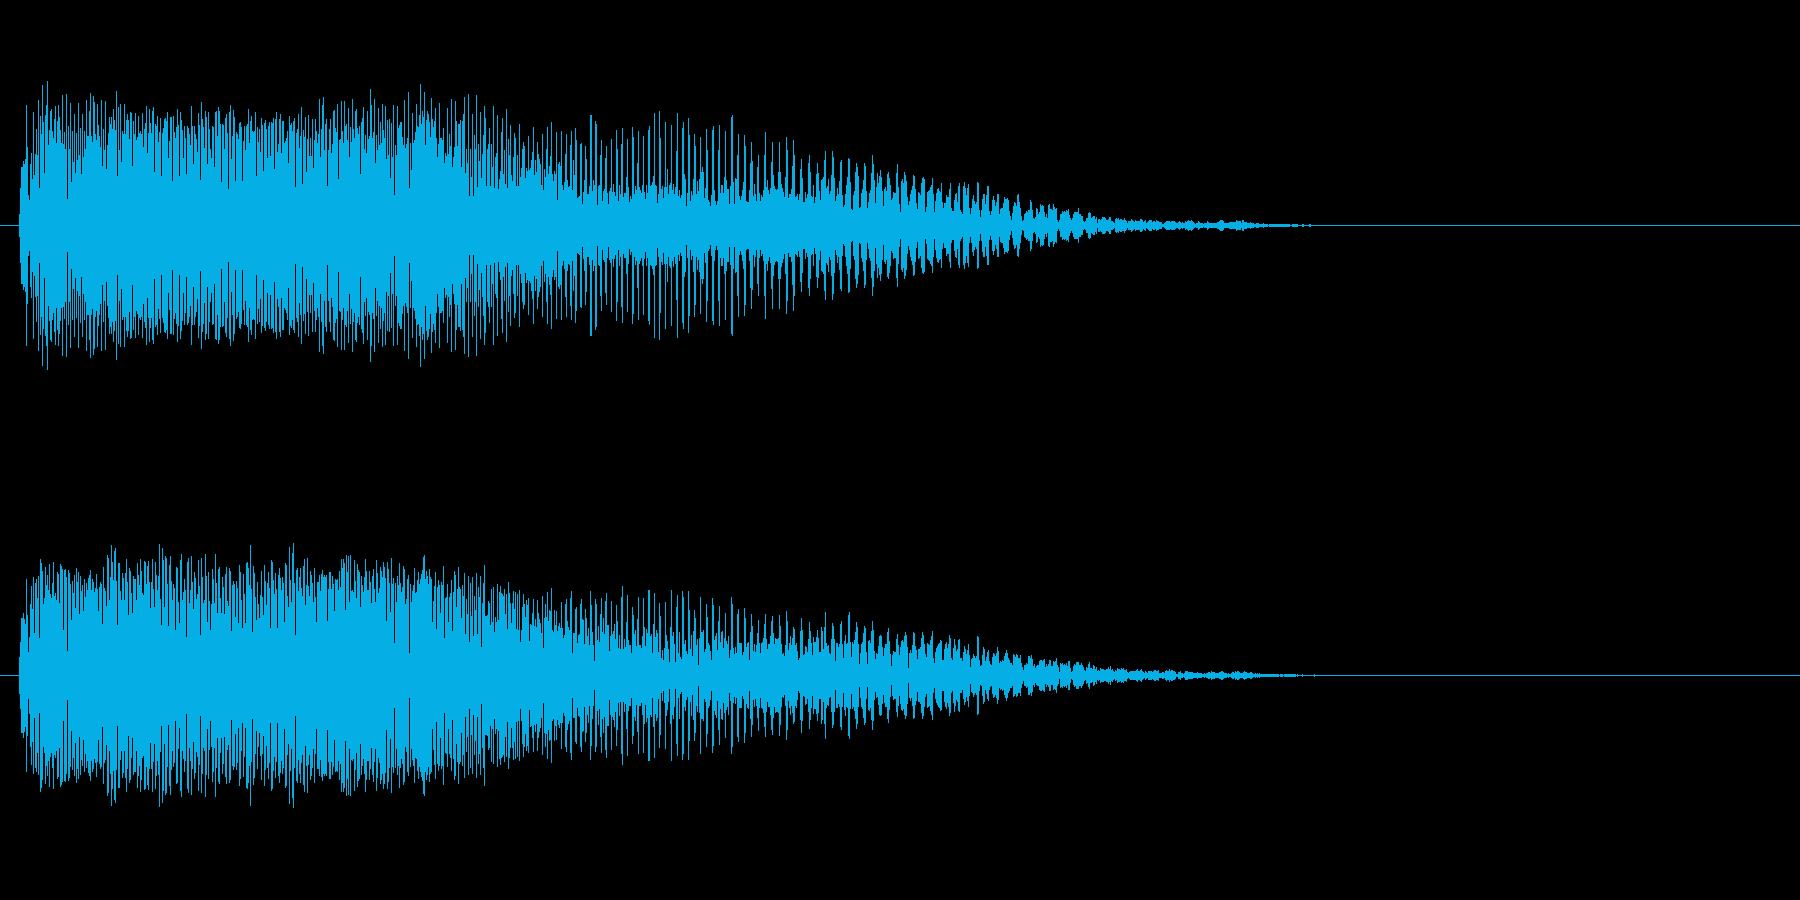 「ピーッ〜!」警笛による鳥の鳴き声の擬音の再生済みの波形